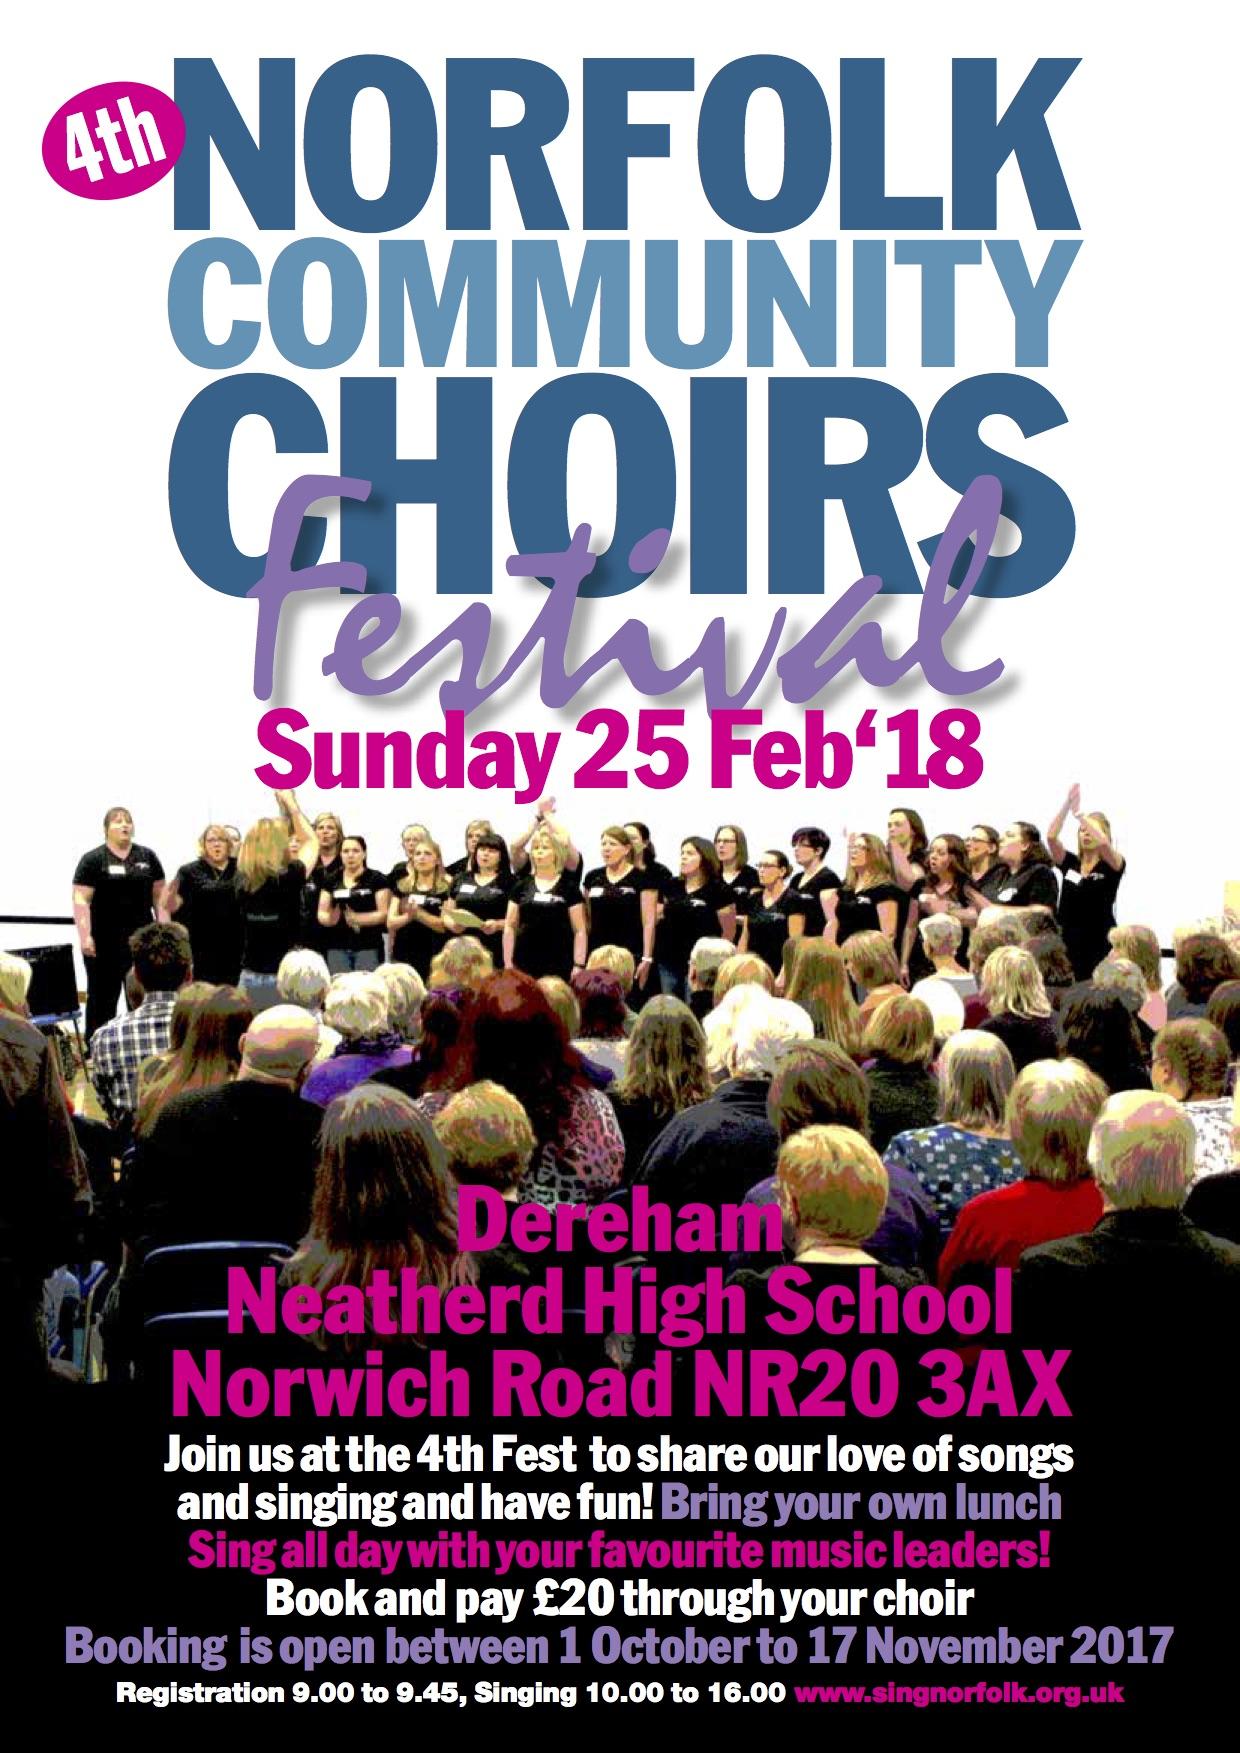 Choir fest A4 Poster 2018 -4